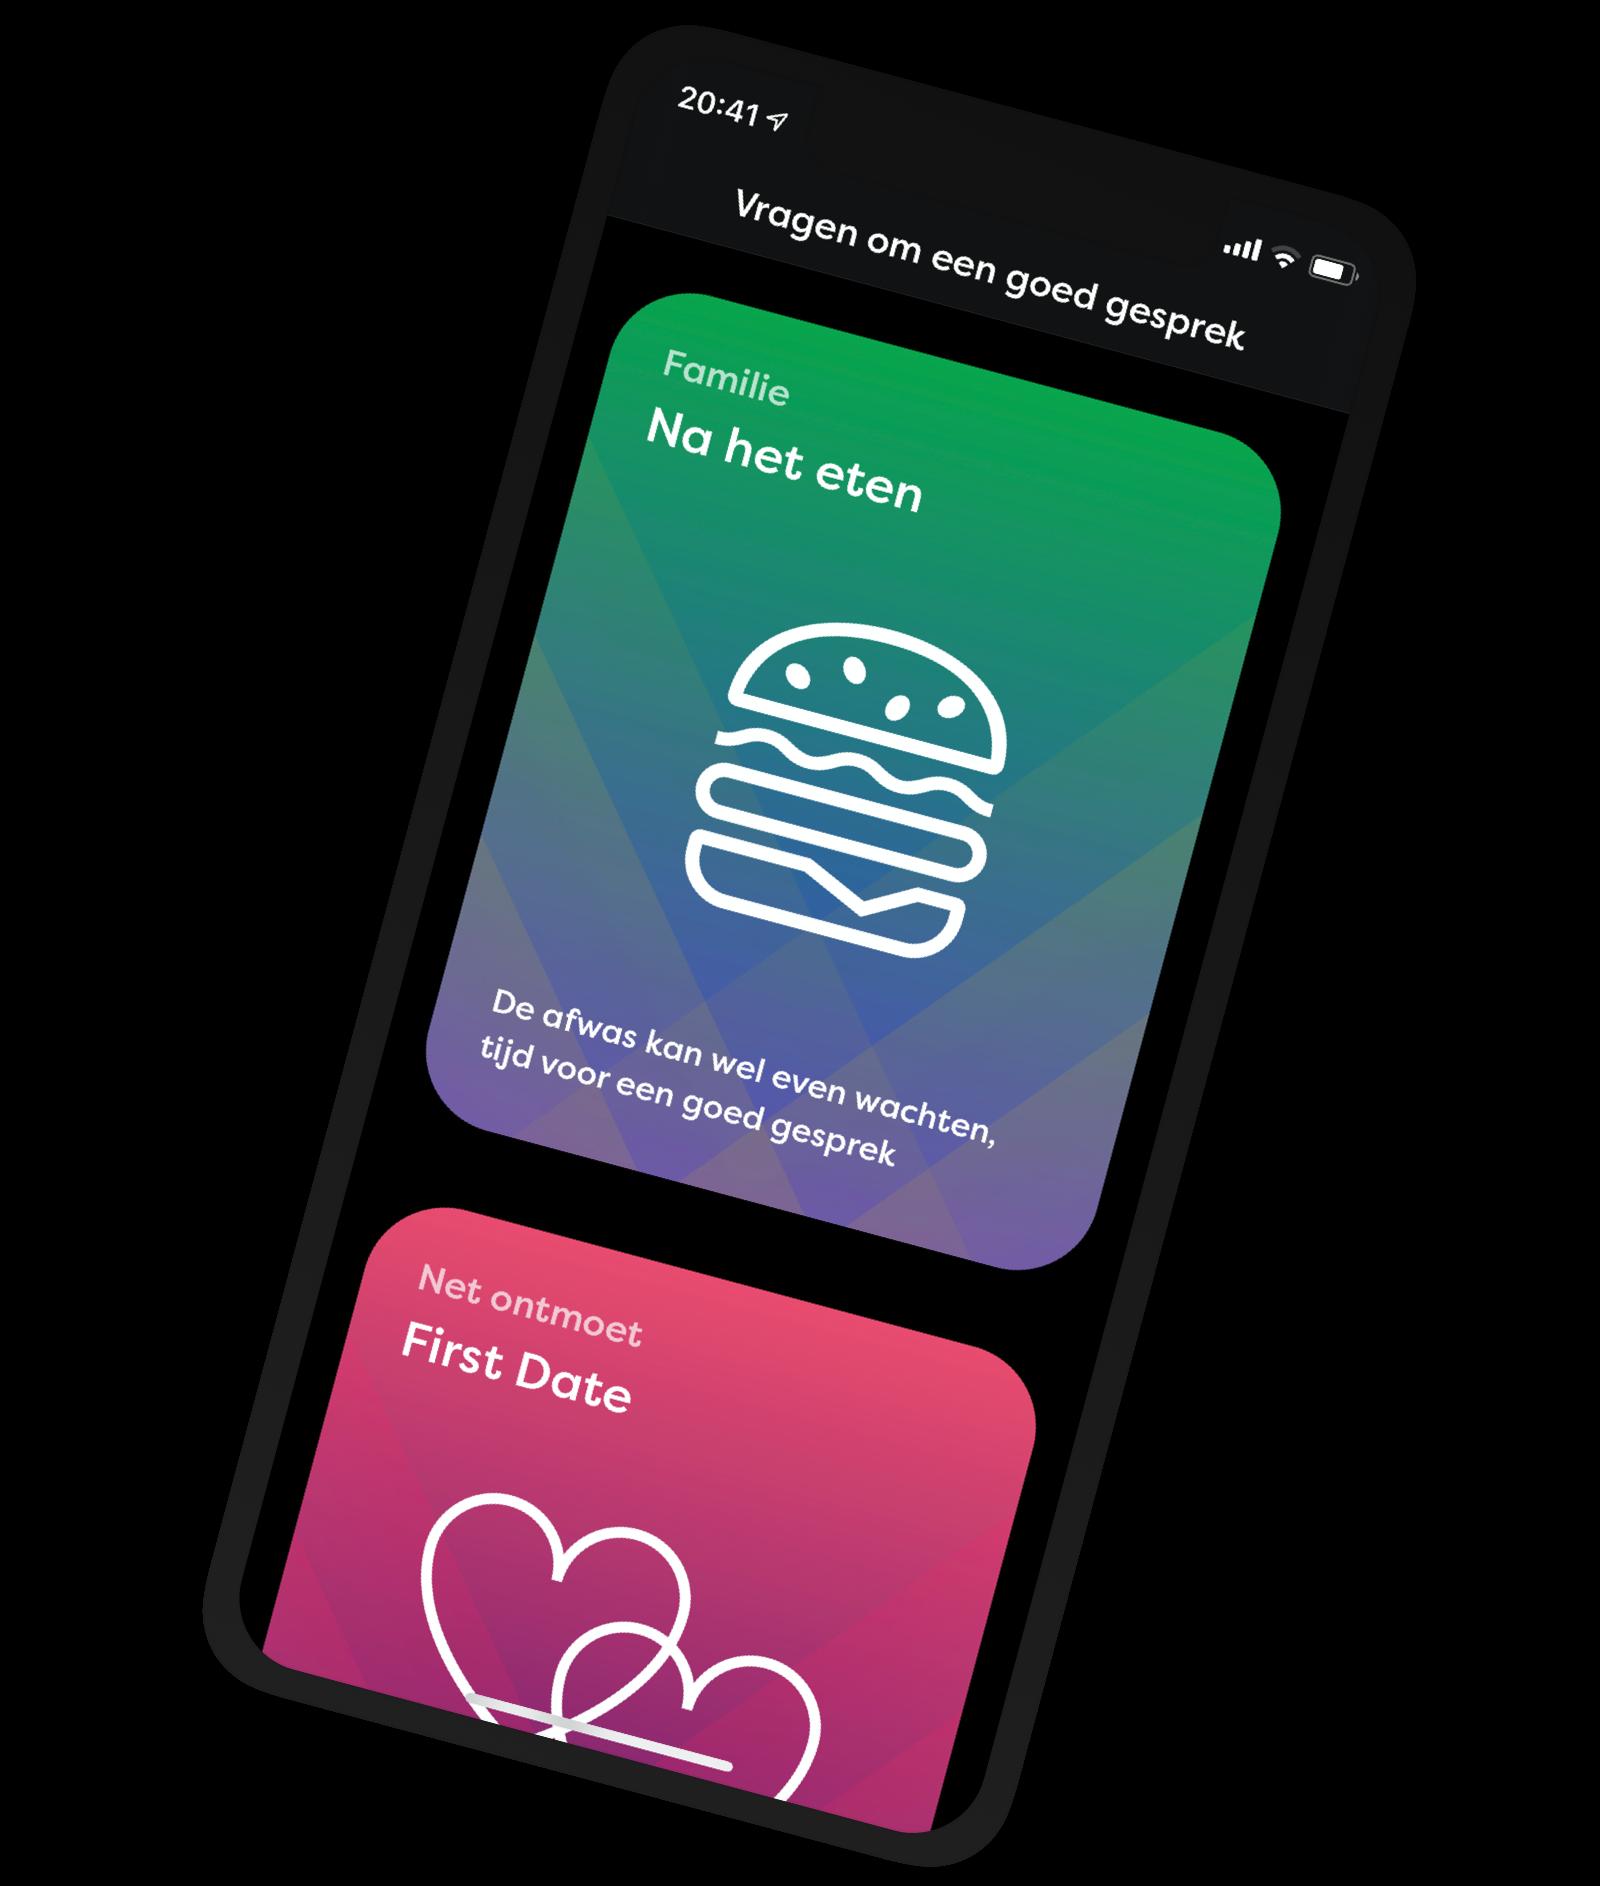 De app met een voorbeeld van hoe dark theme er uit ziet